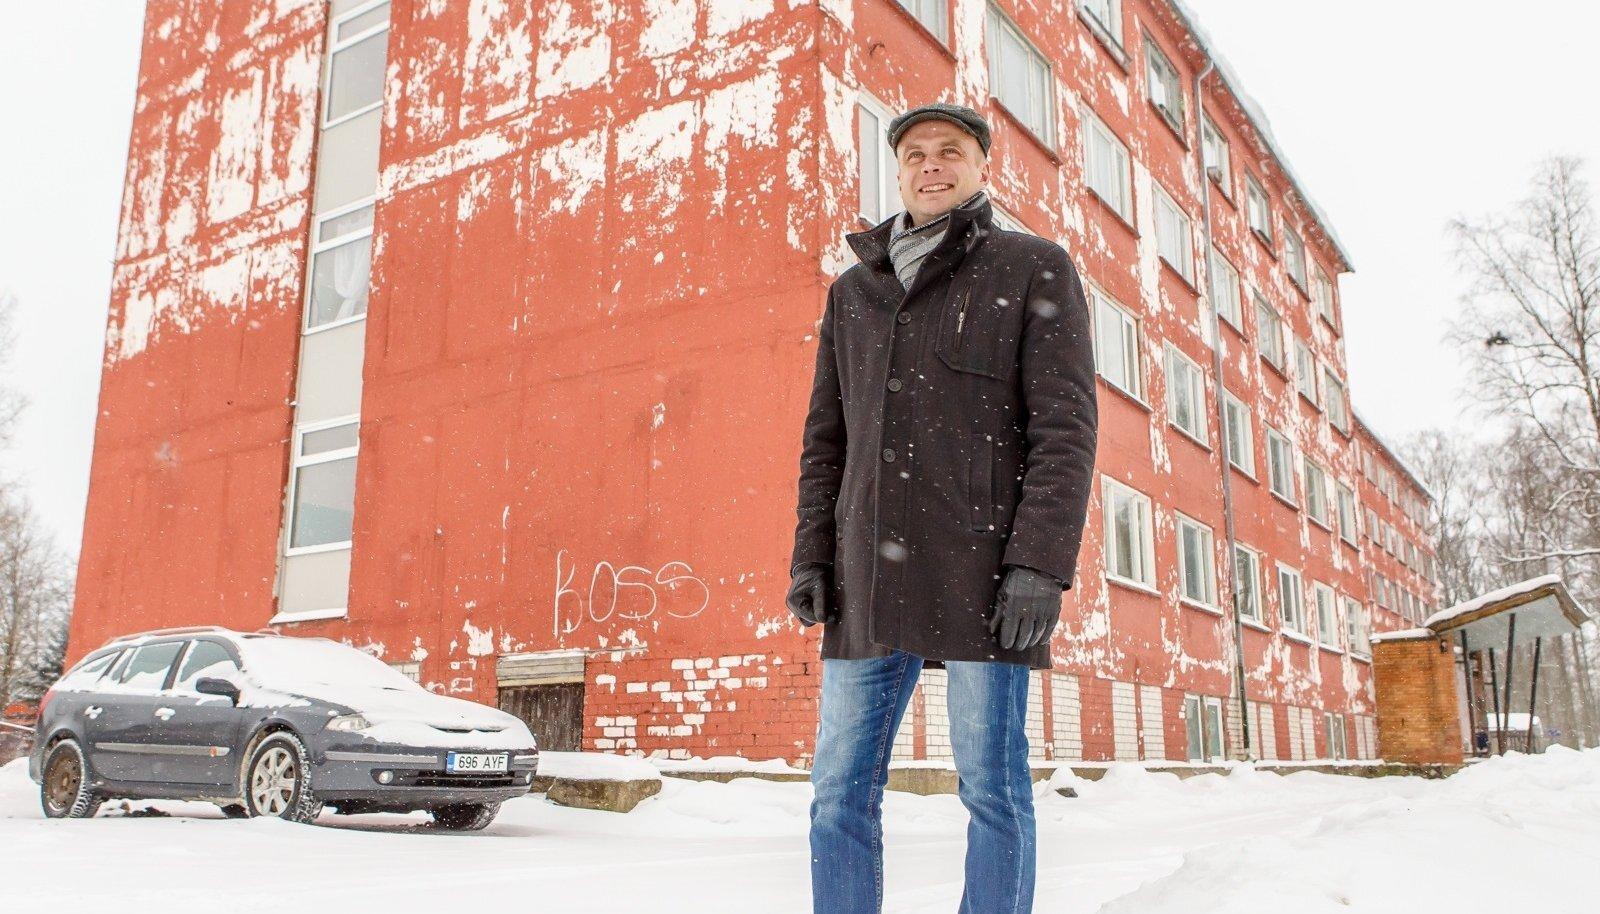 Kuigi Tori vald sai riiklike üürimajade programmi teisest voorust raha kokku 120 korteri kordategemiseks, peavad nad vallavanem Lauri Luuri sõnutsi 80 korteri jaoks antud toetusest loobuma. Rekonstrueerida on neil võimalik üksnes Sindis Pärnu mnt 27 asuv hoone (taustal).